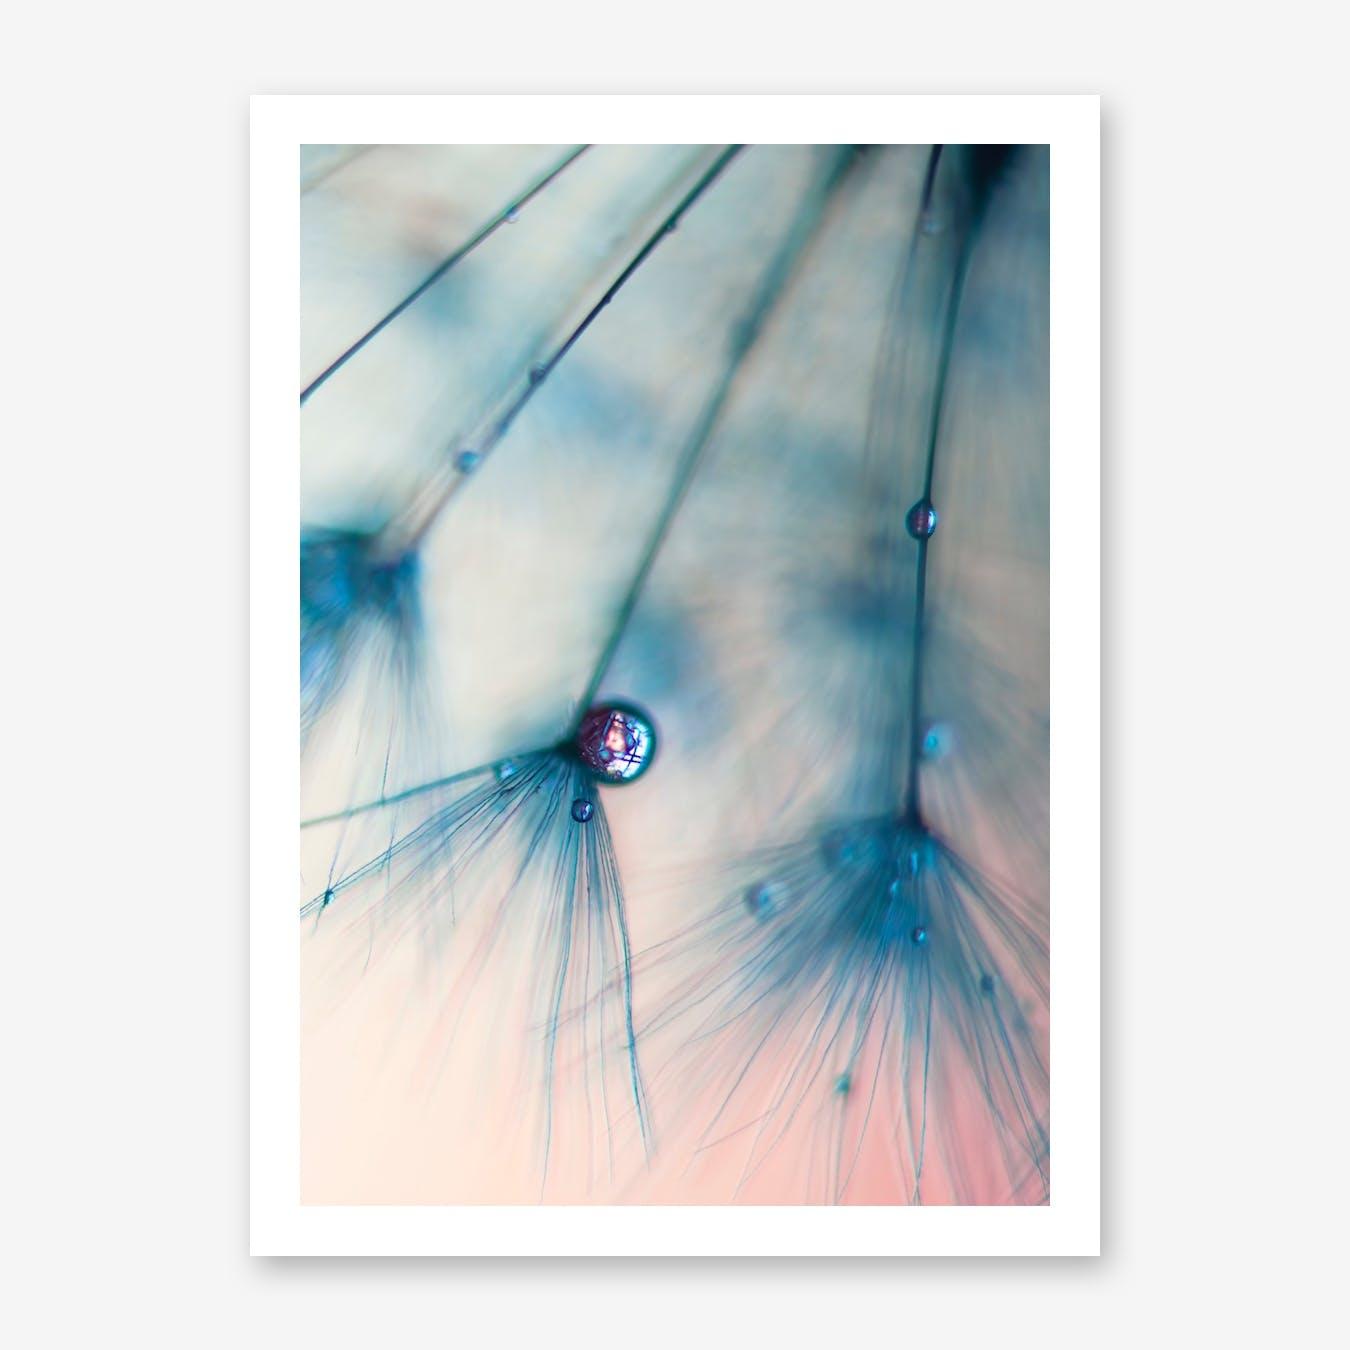 Dandelion - Droplets of Rose Pink